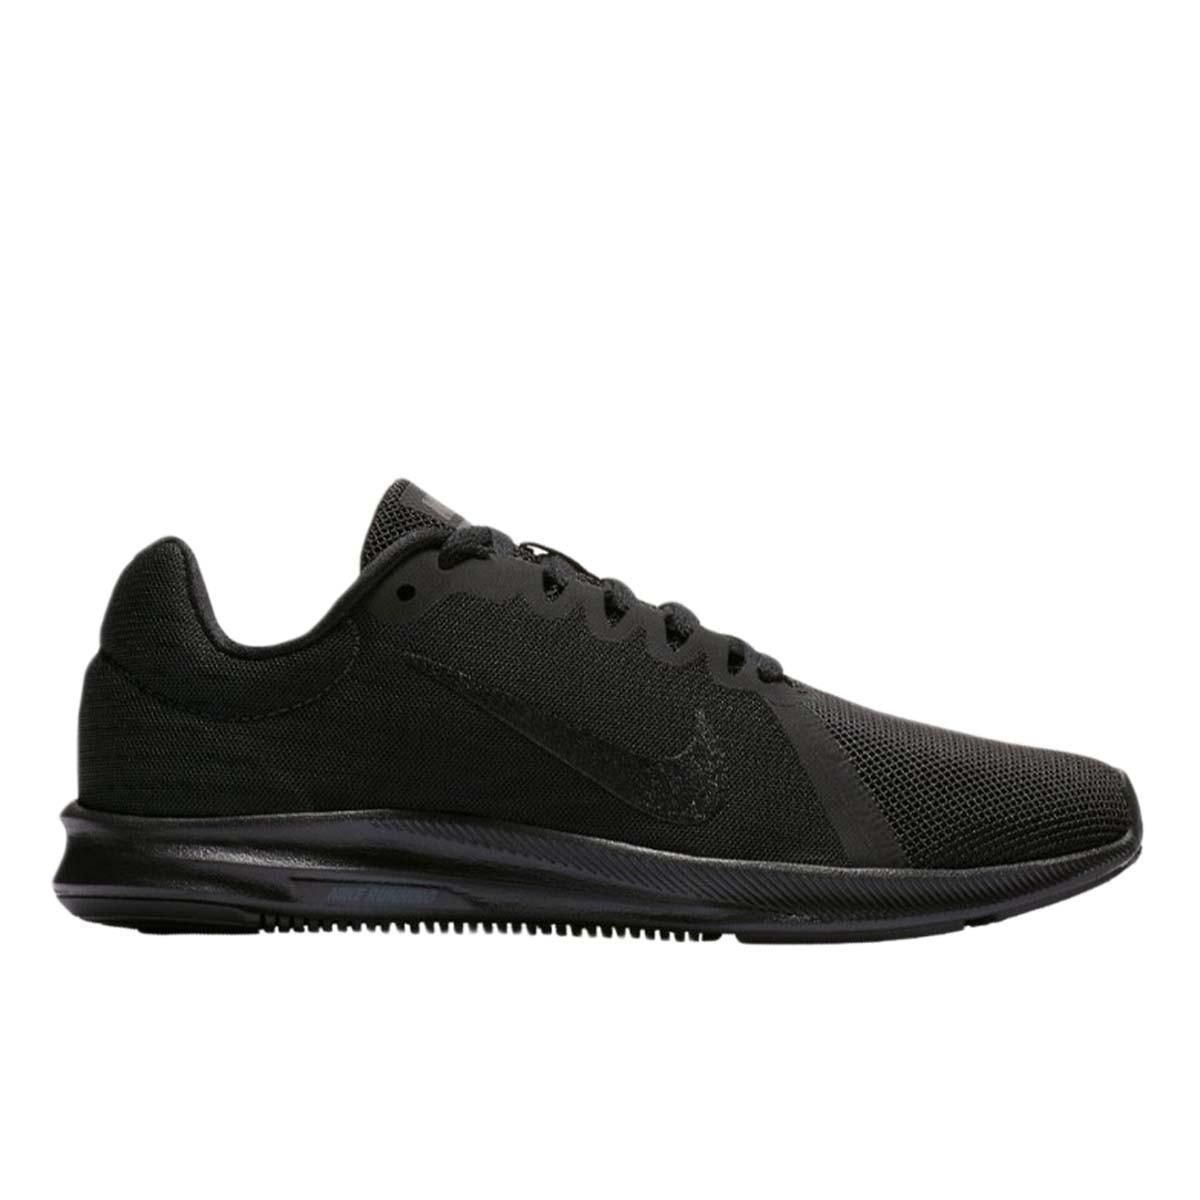 411ef41aee1 Nike WMNS NIKE DOWNSHIFTER 8 RUNNING ΓΥΝΑΙΚΕΙΟ - 908994-002 | Sportifs.gr  Οnline αγορές αθλητικών ειδών